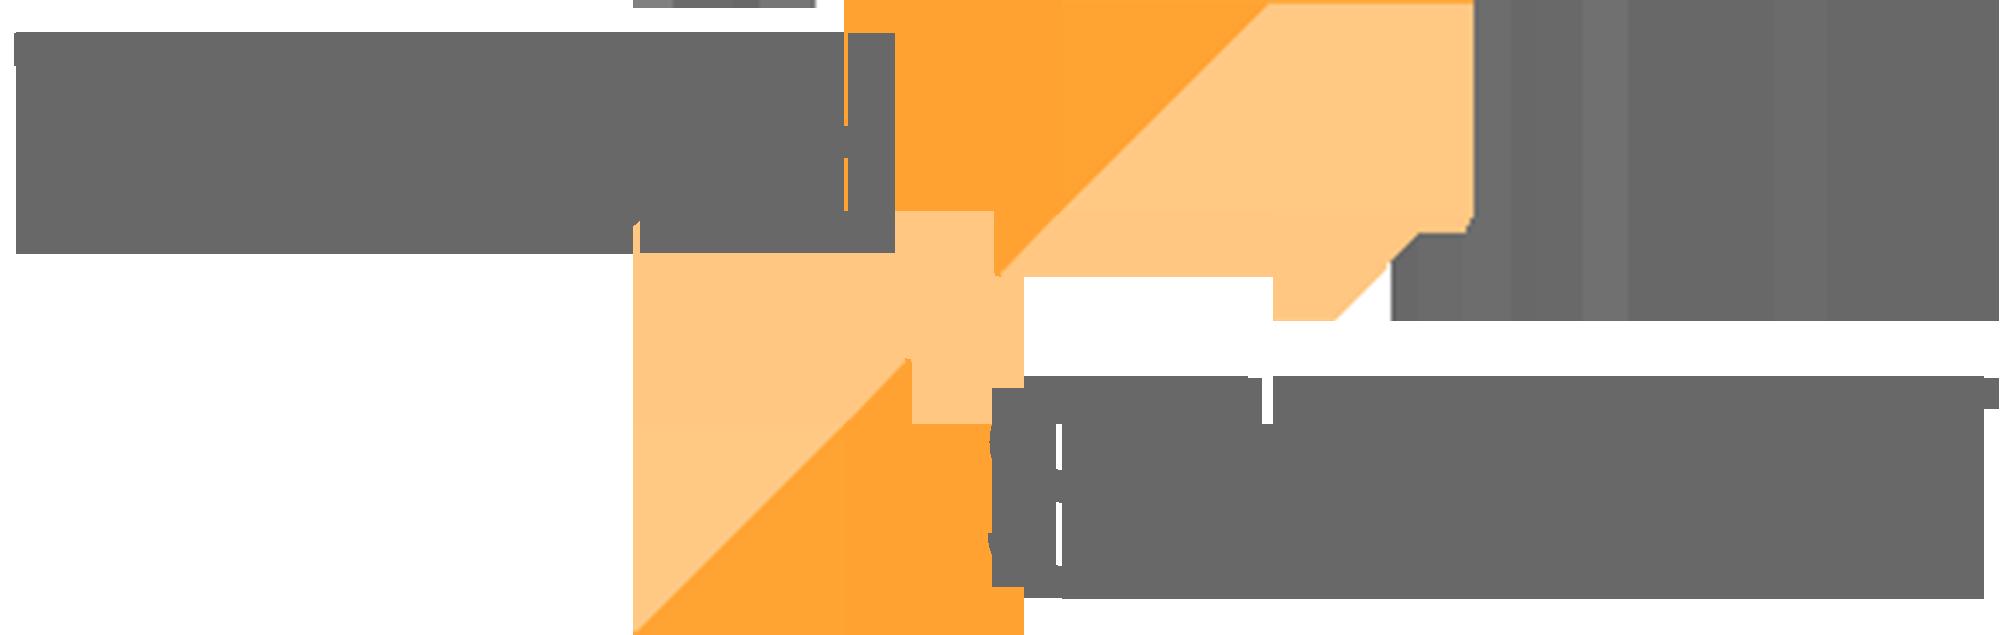 Logo do TechShift, em 2 linhas: 'Tech' e seta apontando para o centro; seta apontando para o centro e 'Shift'.